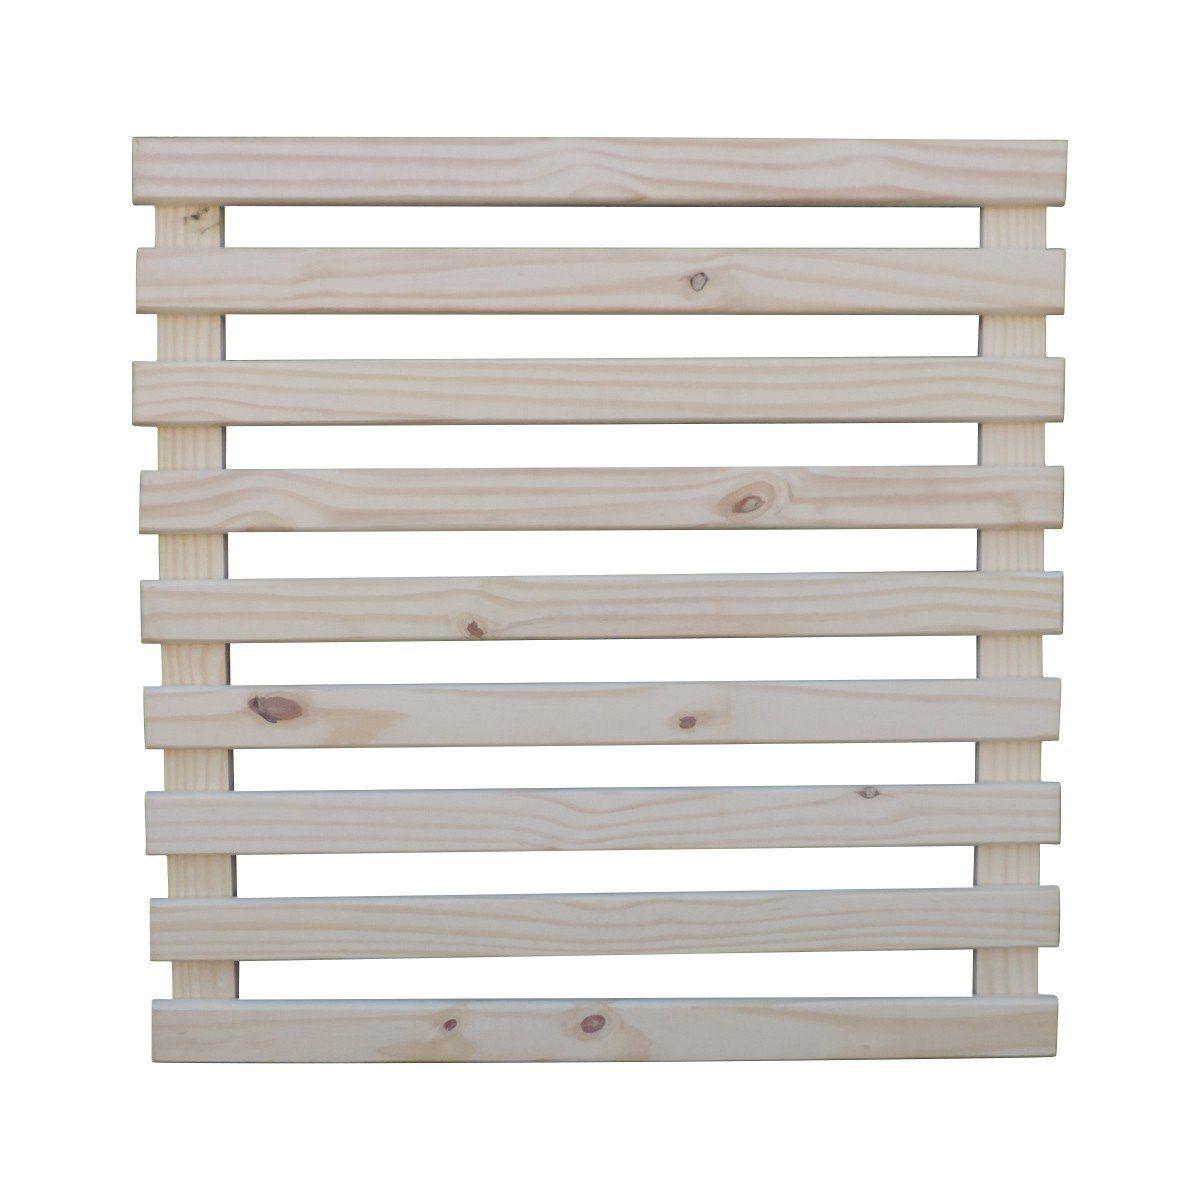 Treliça de madeira 100cm x 100cm para jardim vertical